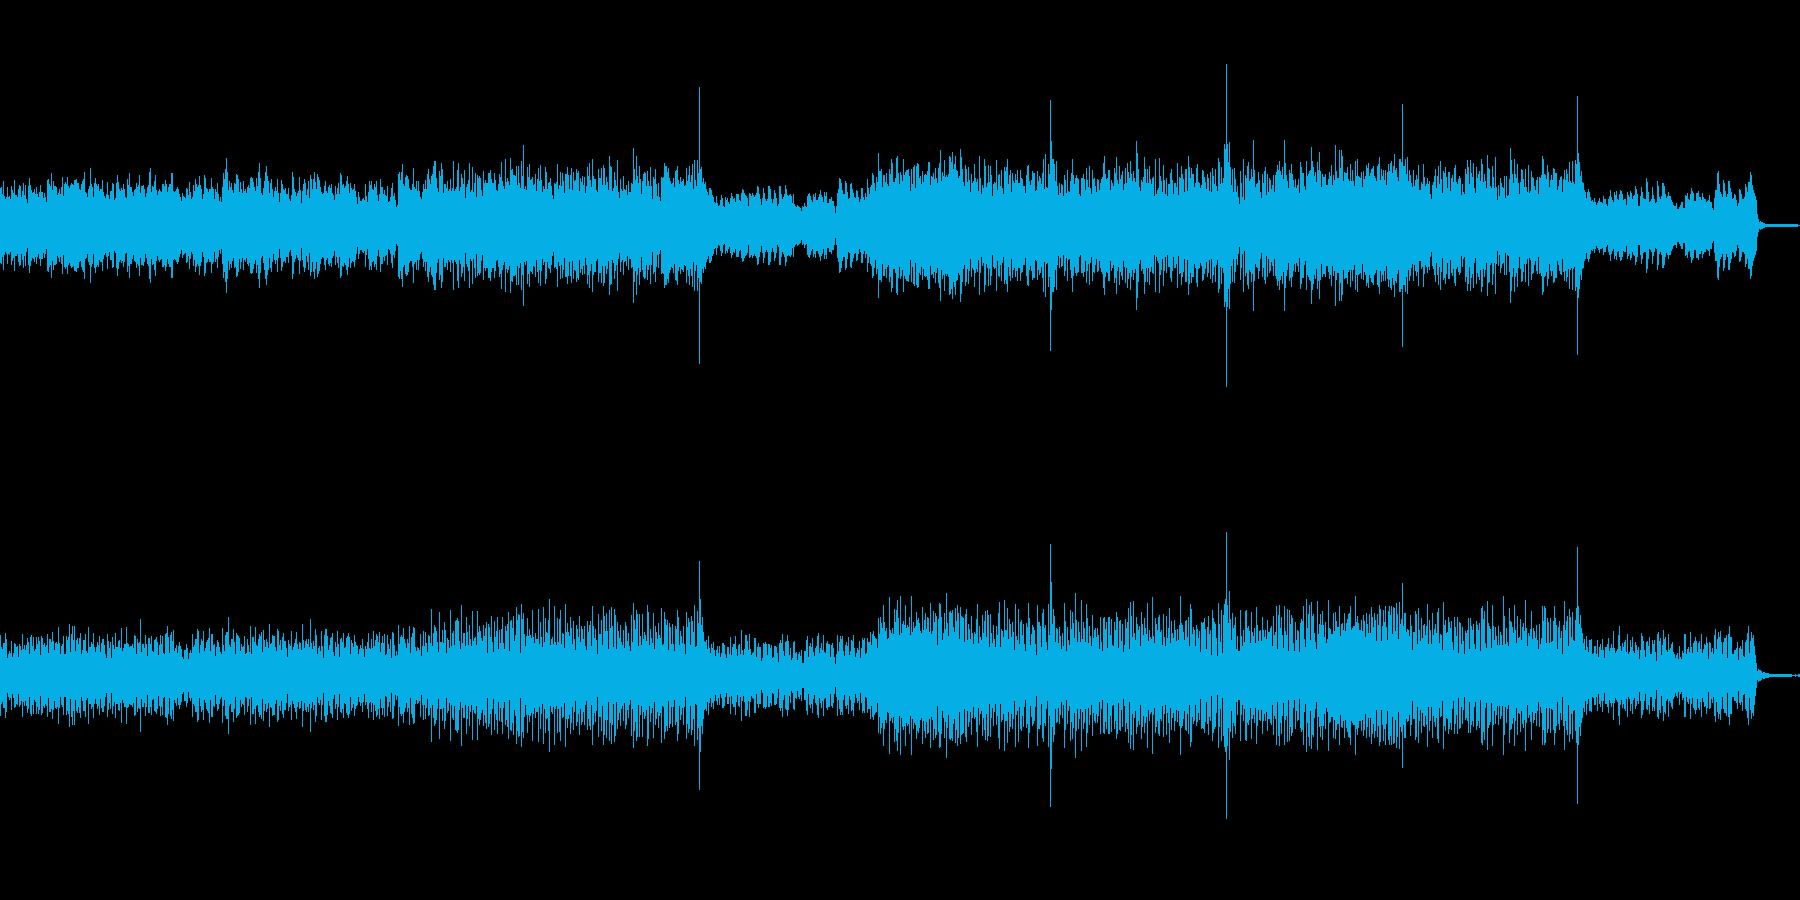 【メロディ抜き】しっとり温かく、優しい…の再生済みの波形